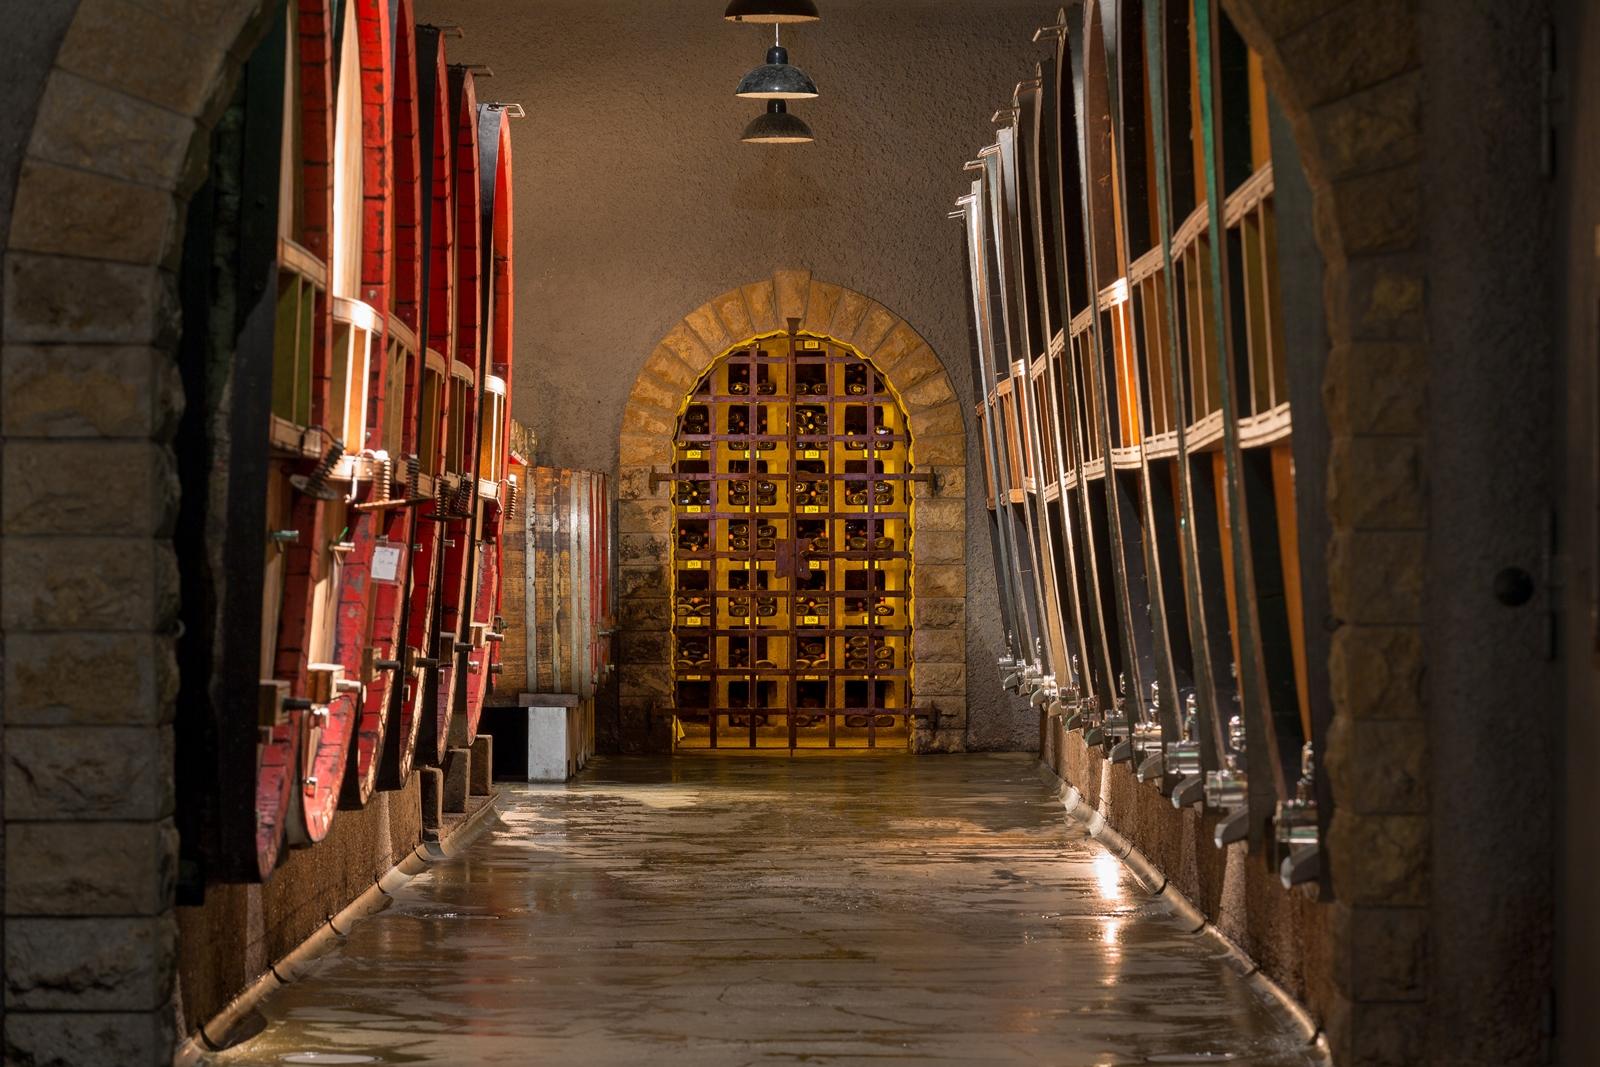 Die Schatzkammer voller wertvoller Weine im Weinkeller der GWF FrankenVinothek.